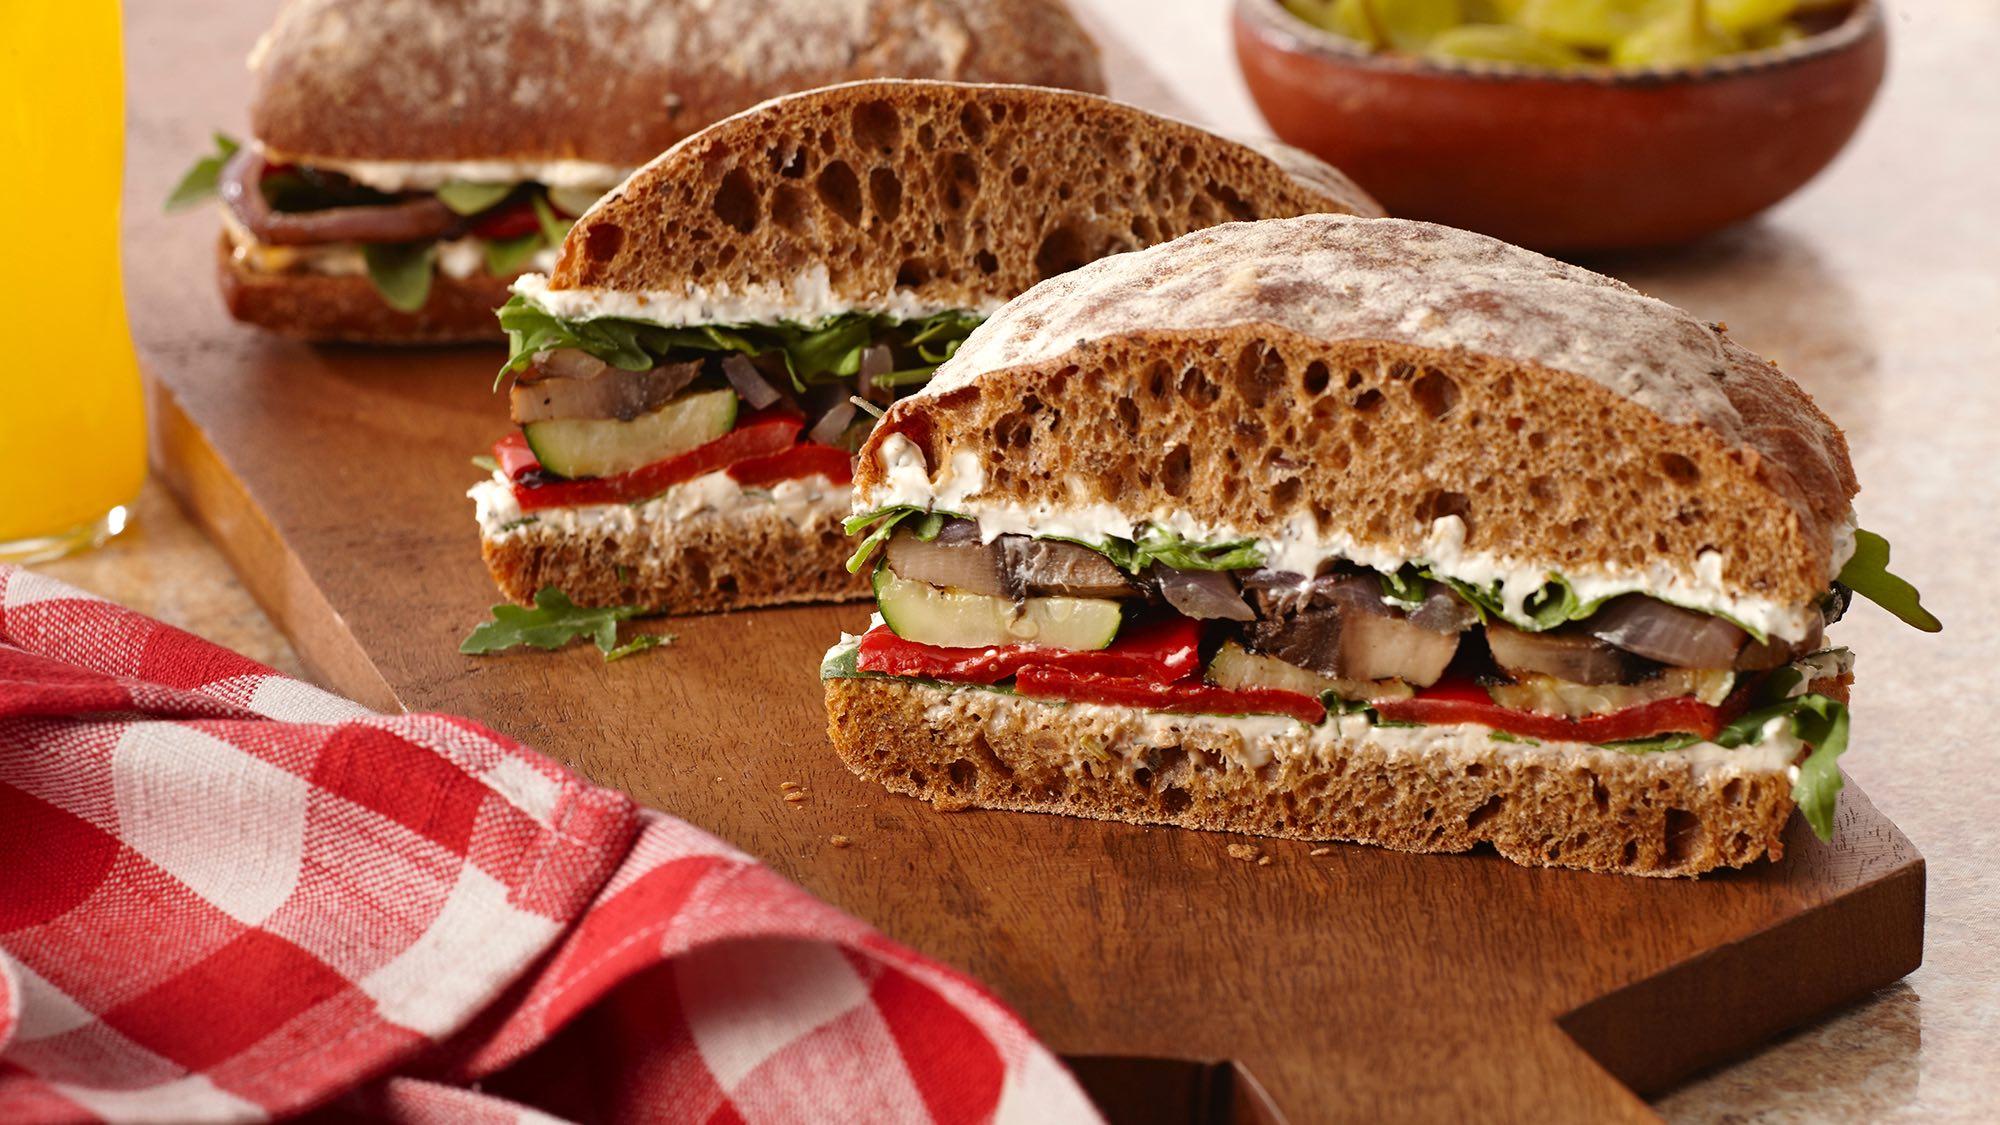 italian-herb-grilled-vegetable-sandwich.jpg